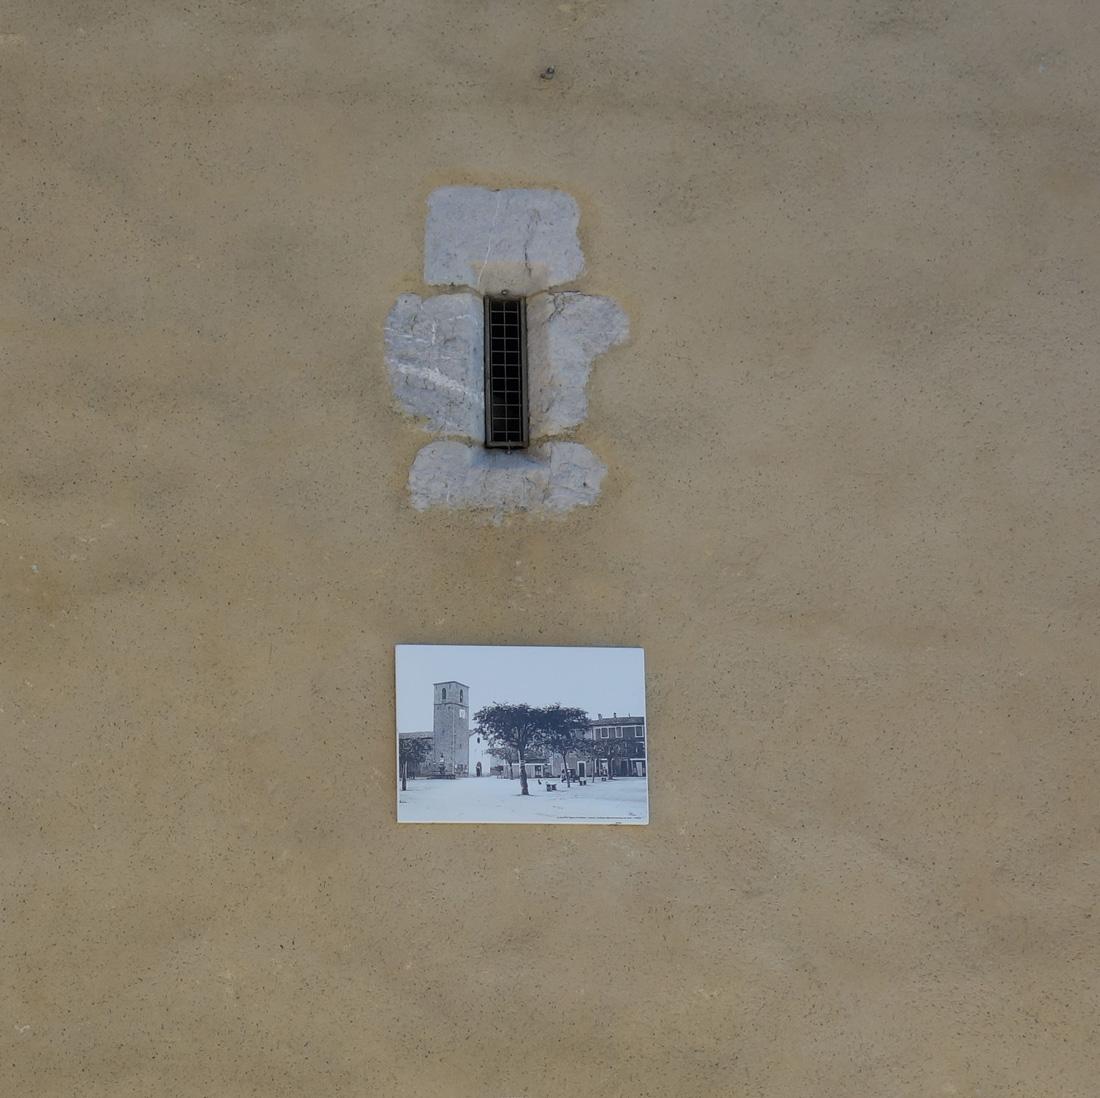 Exemple de panneaux extérieurs réalisés pour la Mairie de RIBIERS au format 50 x 70 cm - photo ancienne du village (travaux de retouche/de restauration de photos)